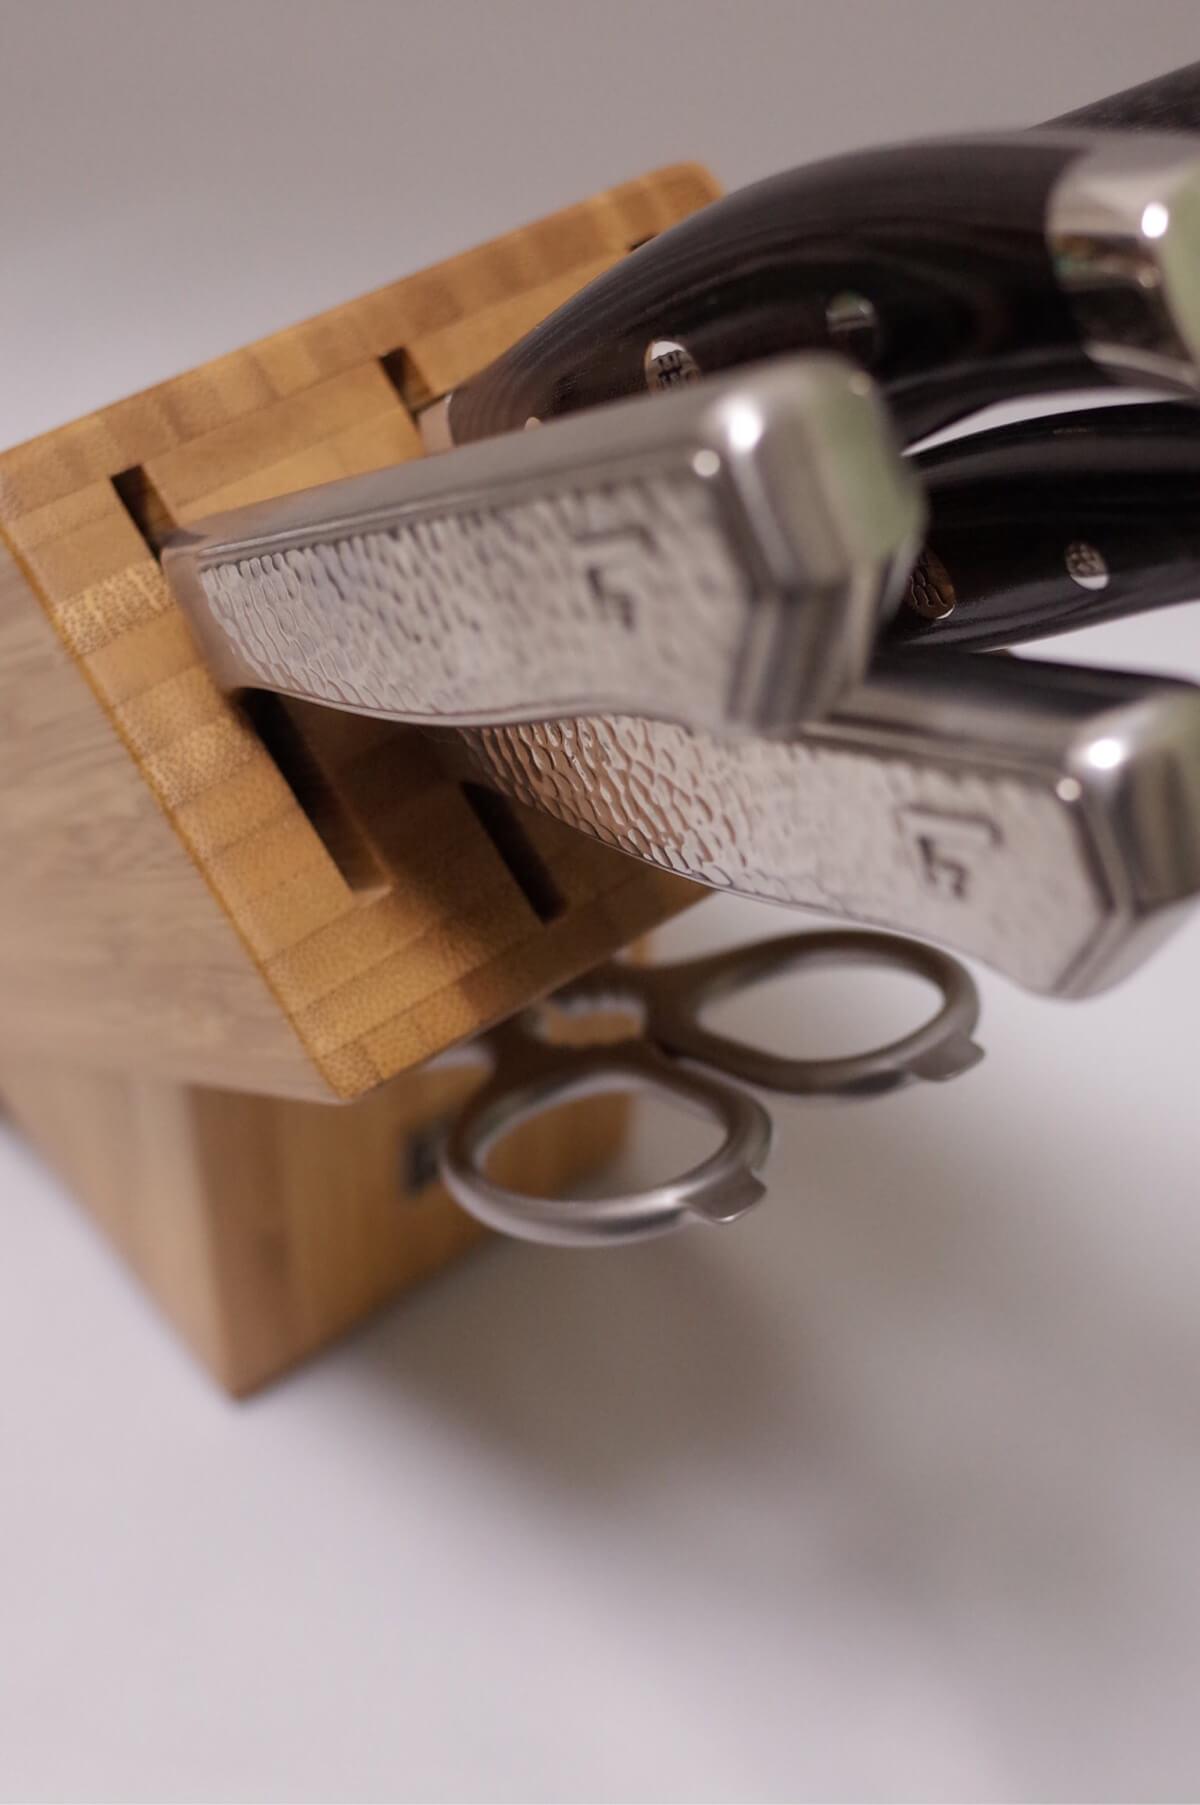 ツヴィリング ナイフブロック キッチンハサミ